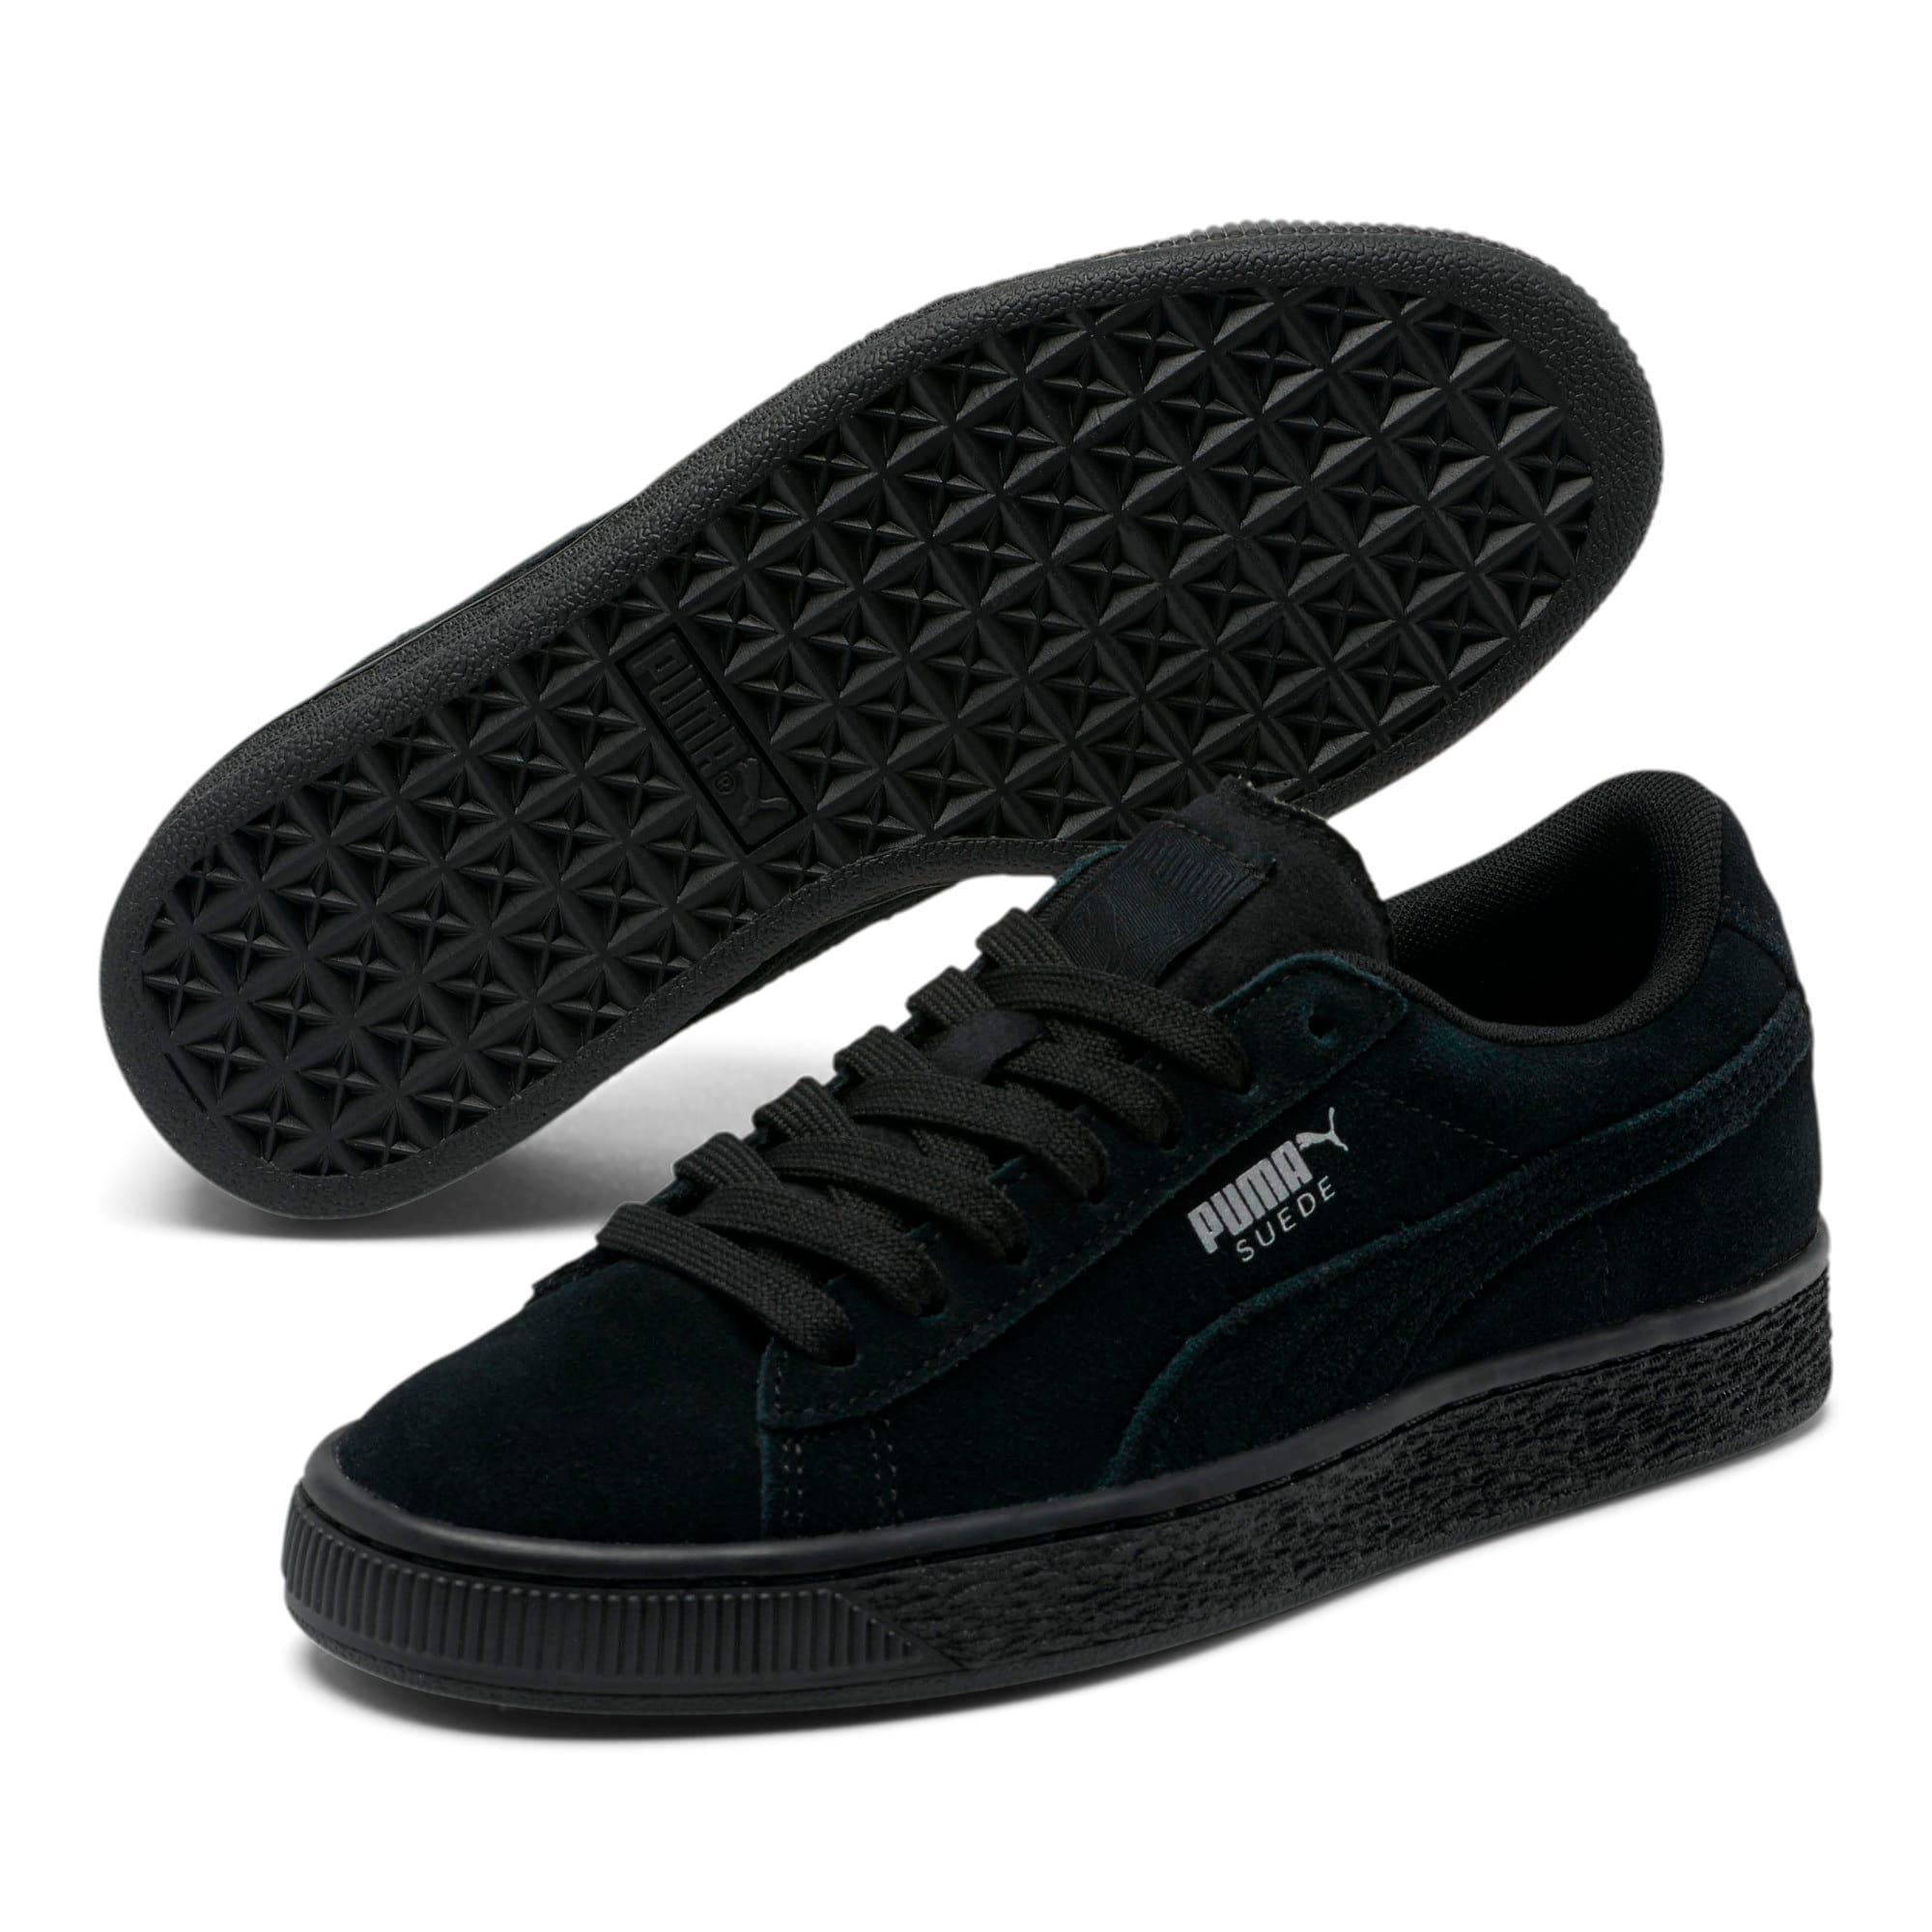 Miniatura 2 de Zapatos deportivos Suede para JR, black-puma silver, mediano